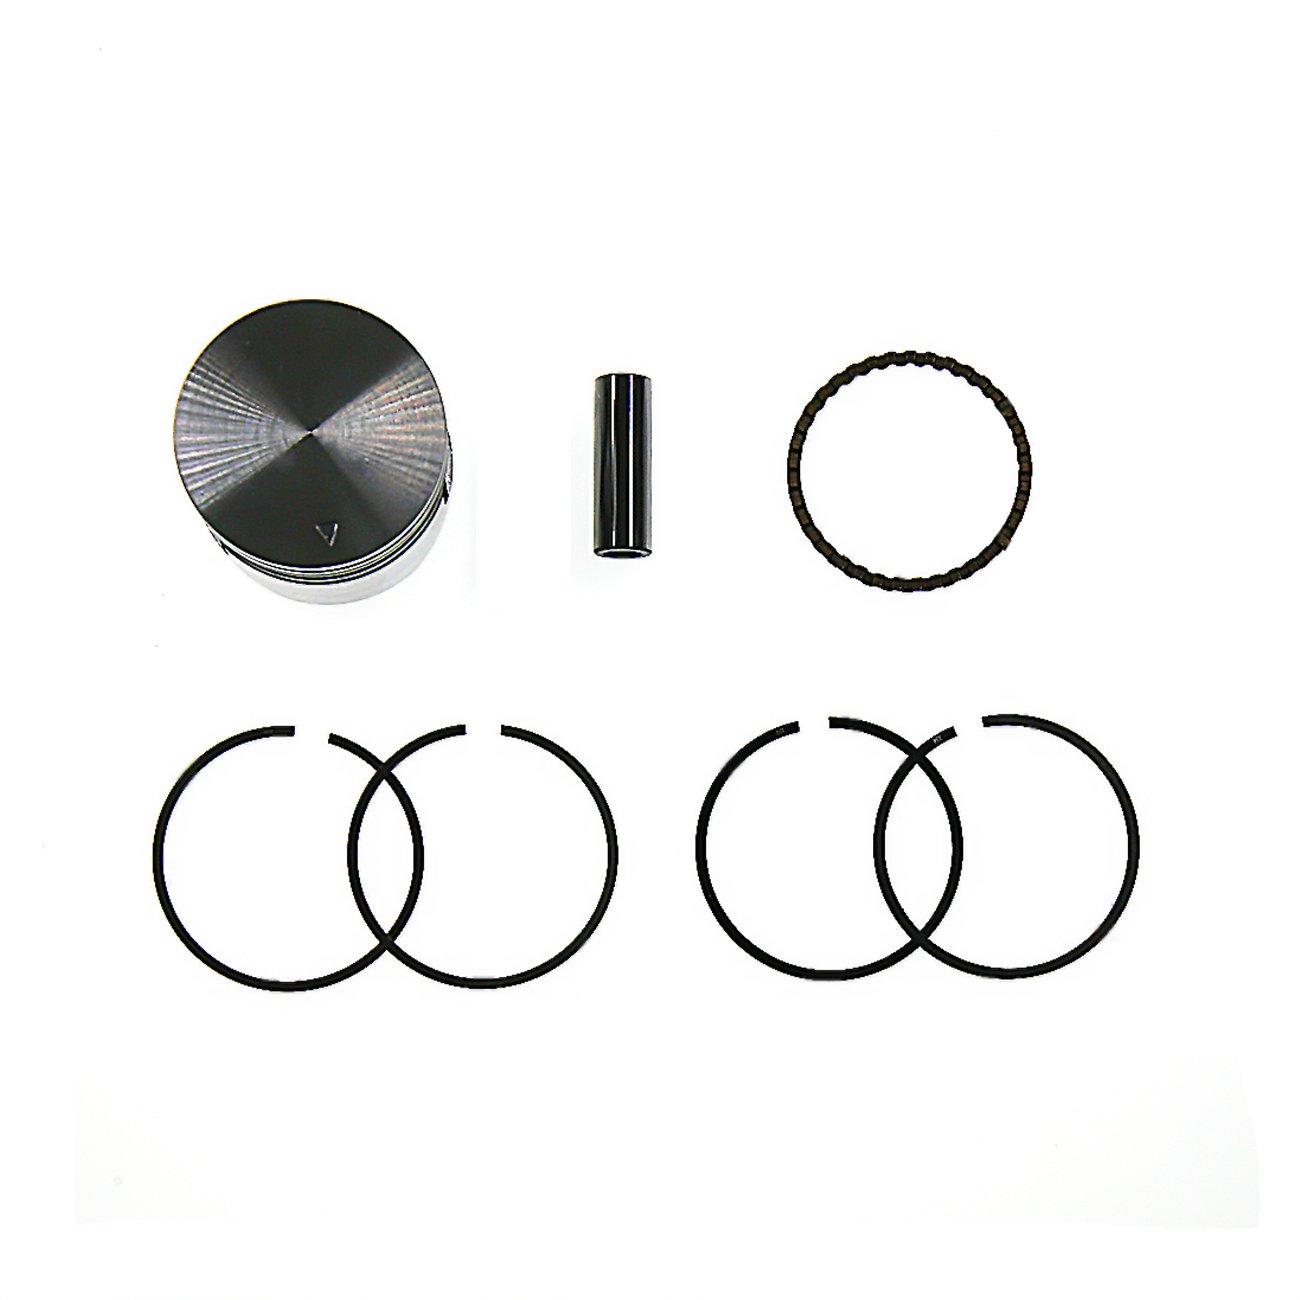 JRL 35 mm Kolben Ring Kit Fit Honda GX25 gx25 N gx25nt 592218 Abschließ barer hht25s umc425 WX10 Motor Huang Machinery